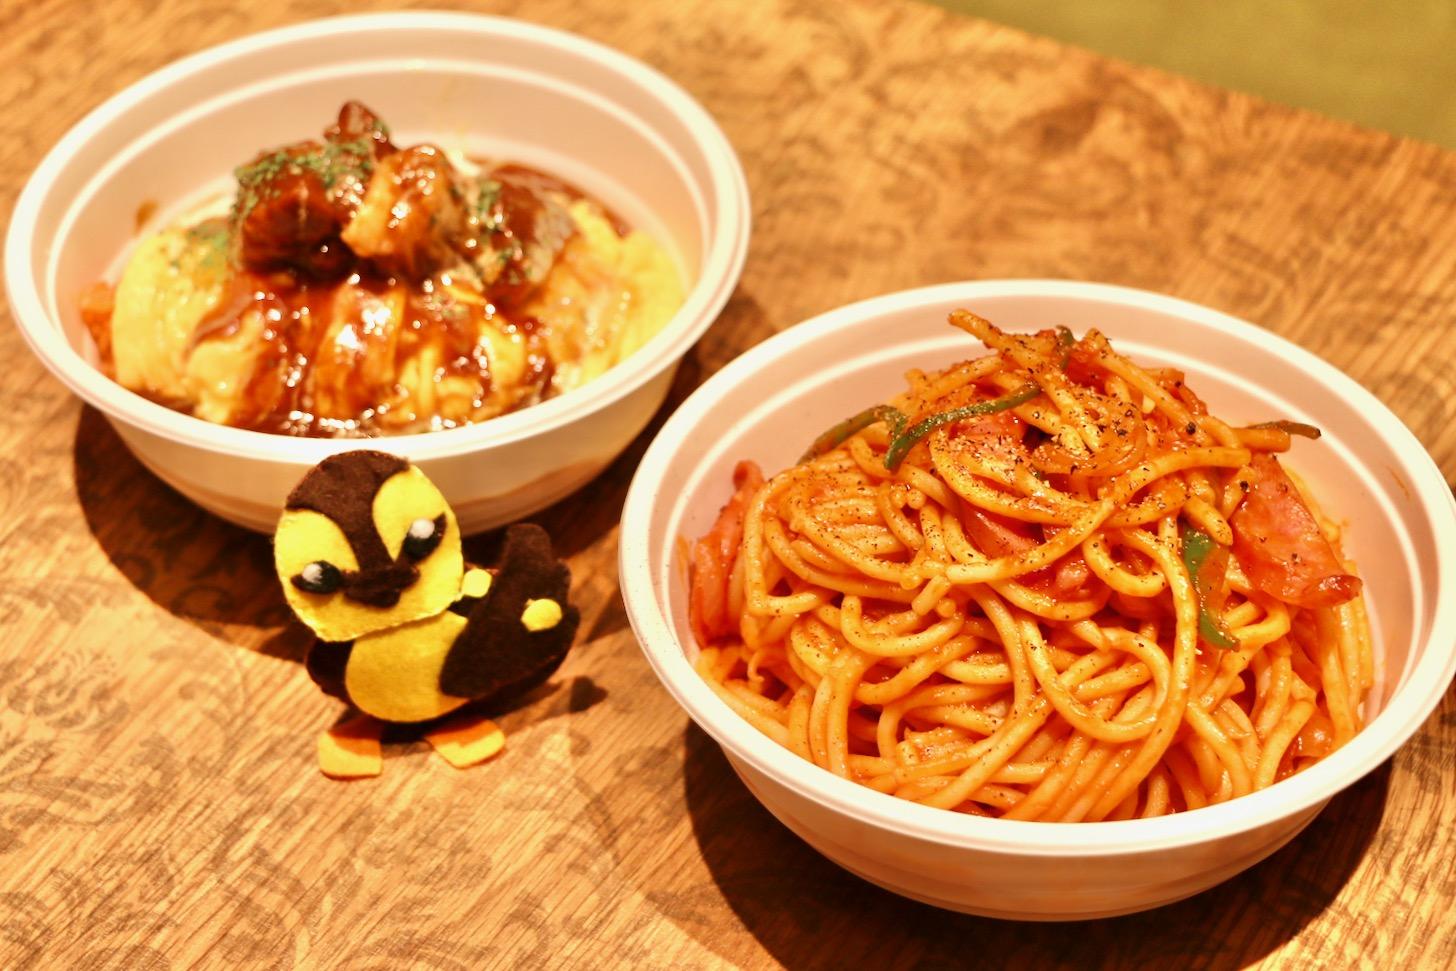 「Cafe&Dining Pecori 多摩センター店」さんで「スパゲッティーのパンチョ」さんとのコラボ商品をテイクアウト